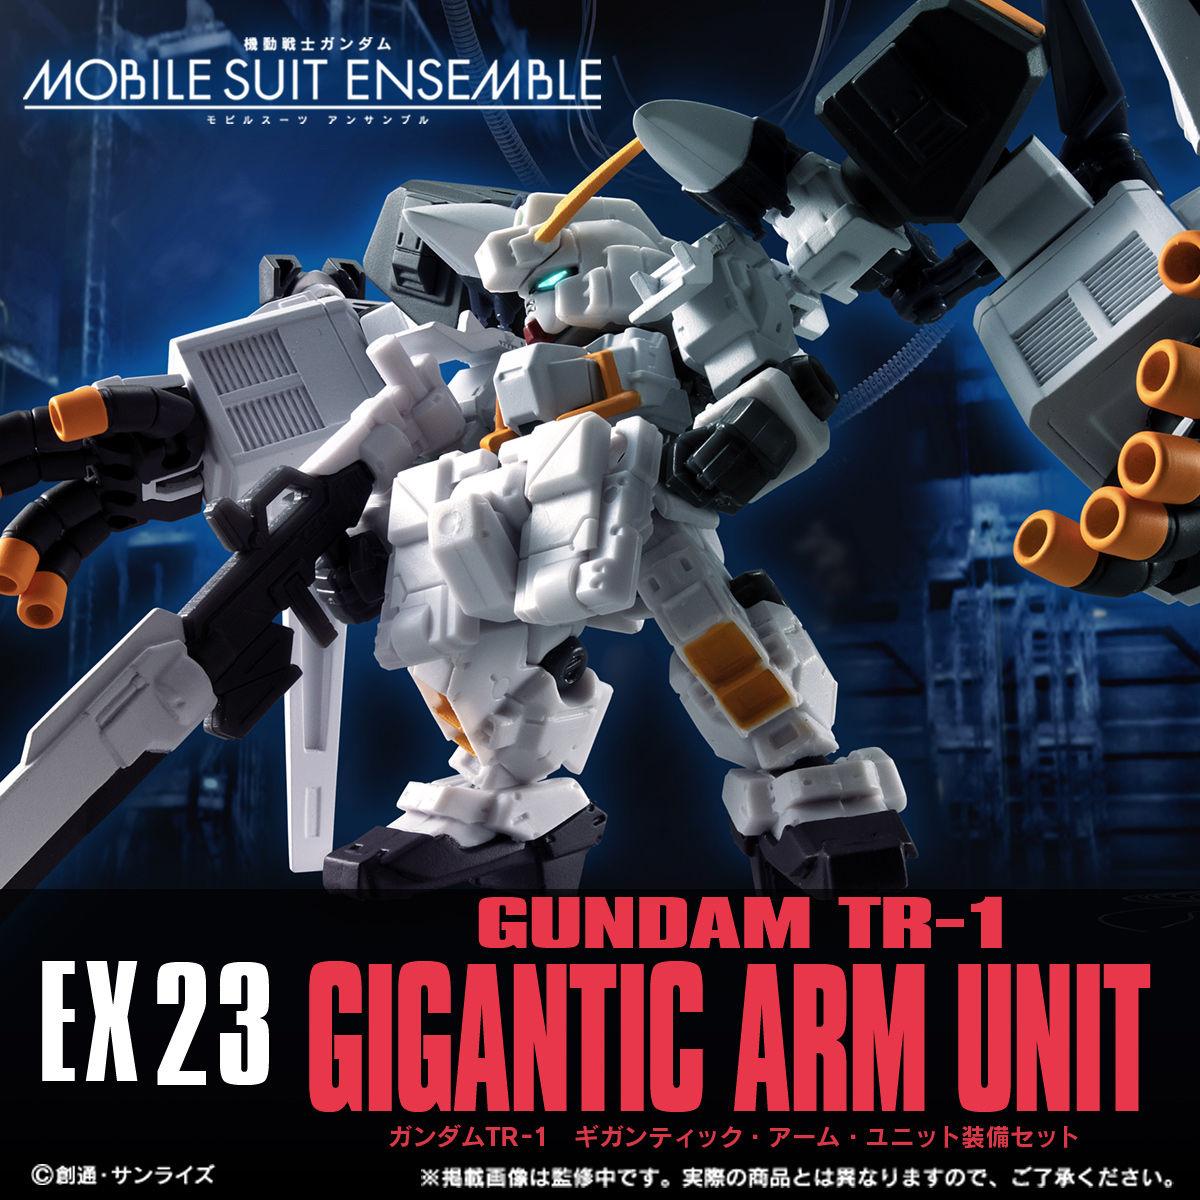 【限定販売】MOBILE SUIT ENSEMBLE『EX22 ギガンティック・アーム・ユニット装備セット』デフォルメ可動フィギュア-001